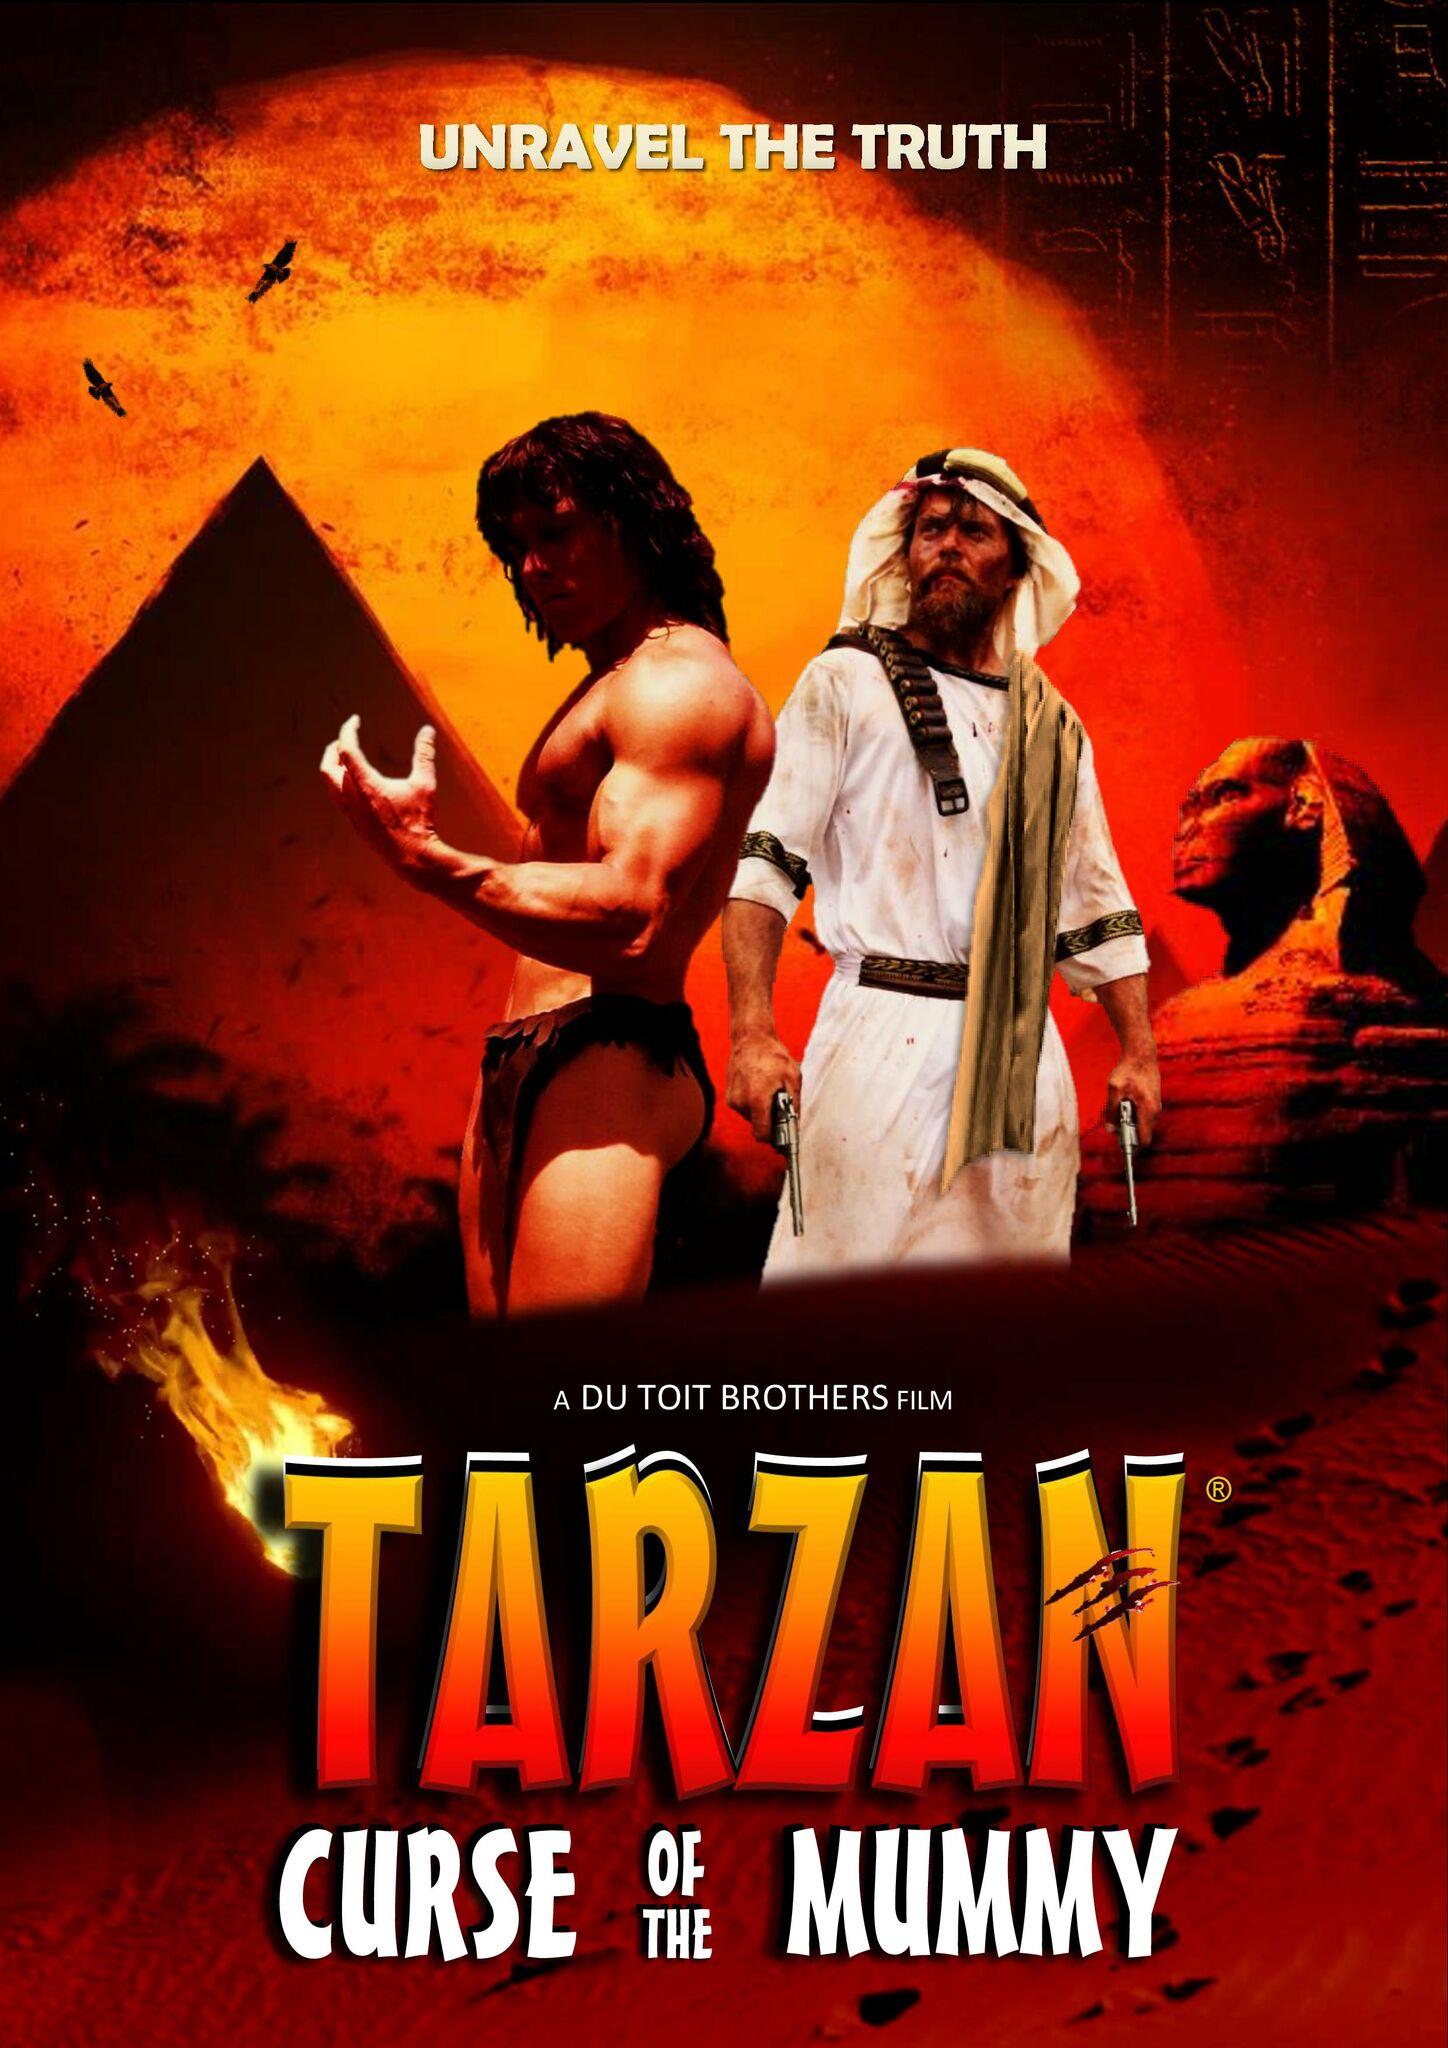 Tarzan: Curse of the Mummy